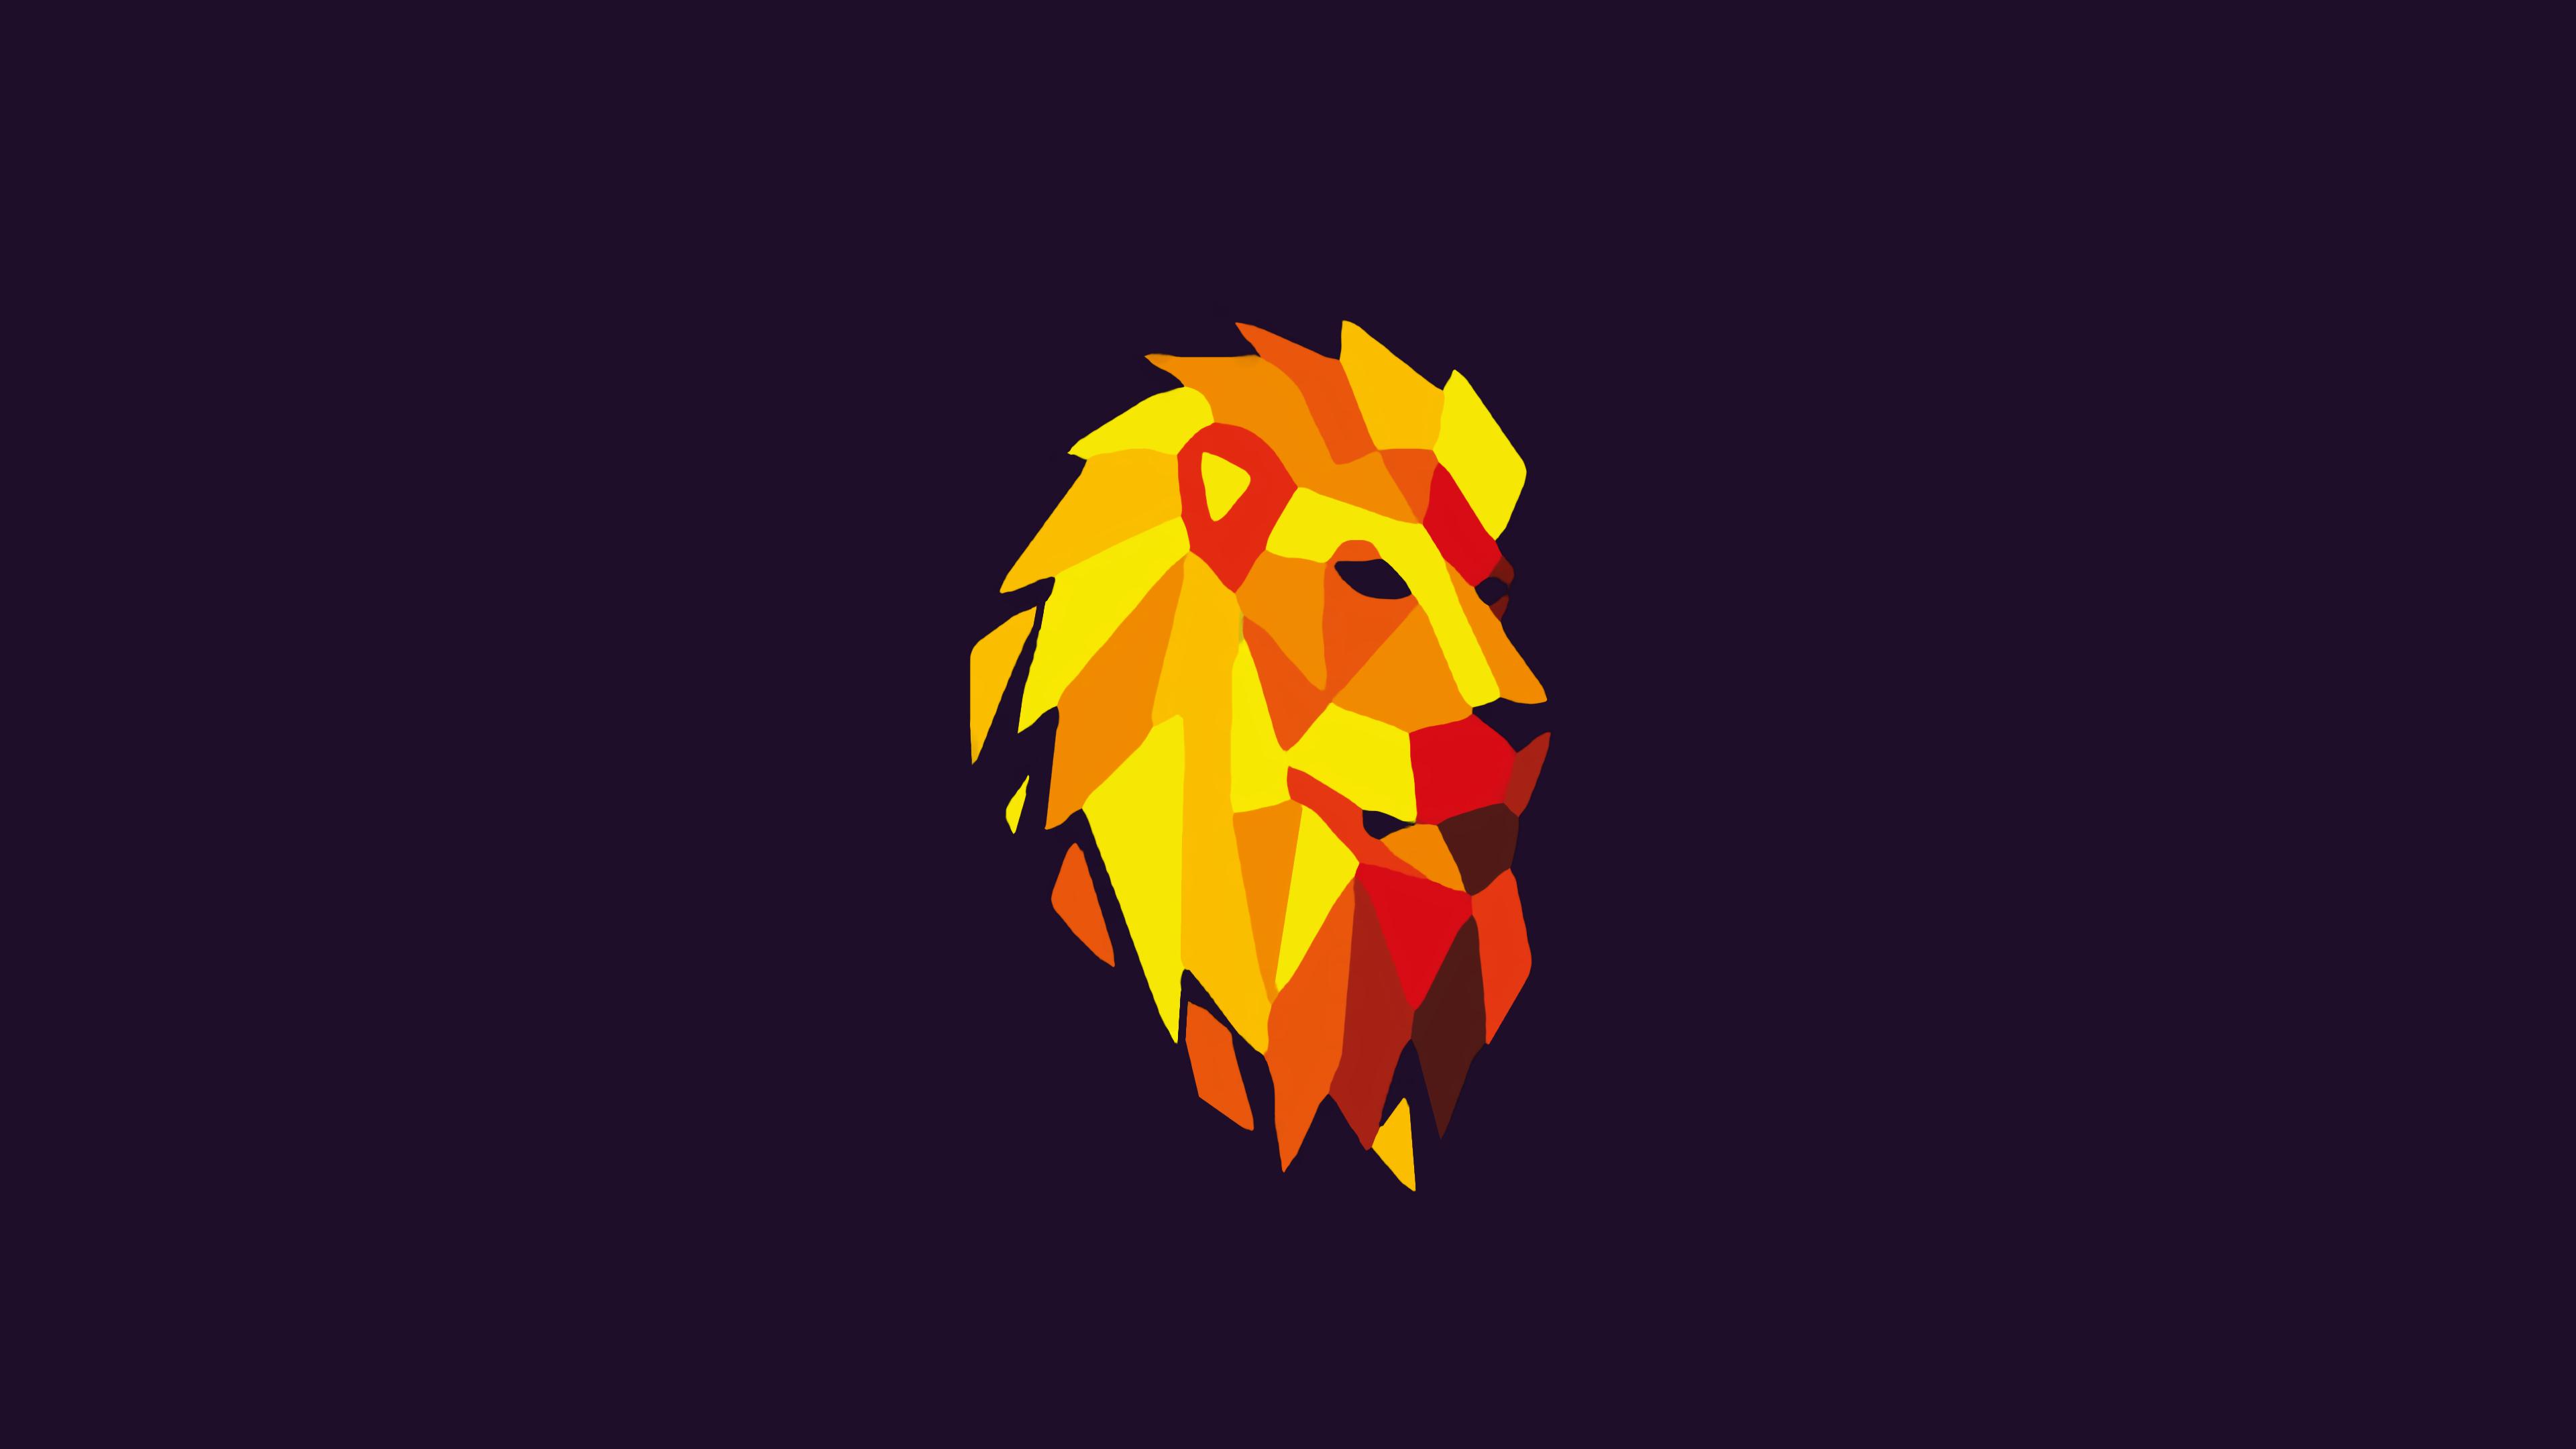 Abstract Lion Wallpaper 4k - HD Wallpaper